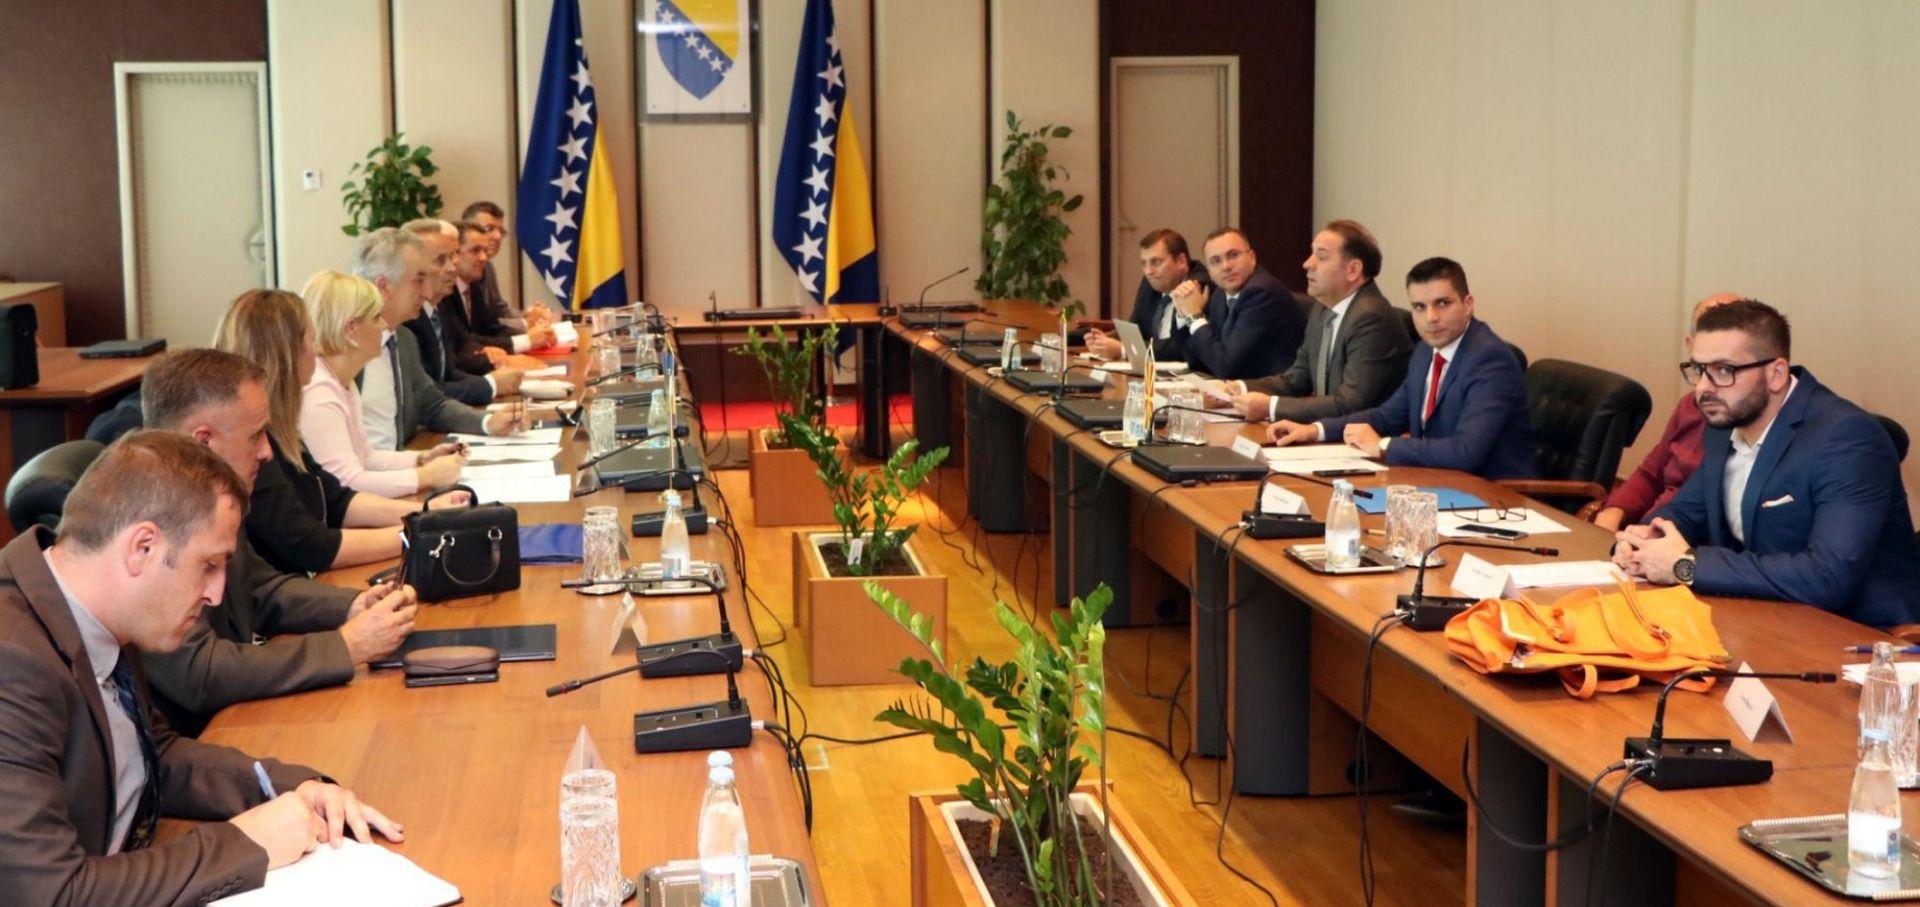 SRBIJANSKA AGENCIJA: EK razmatra mehanizme SSP-a za slučaj da se ne riješi trgovinski spor s Hrvatskom